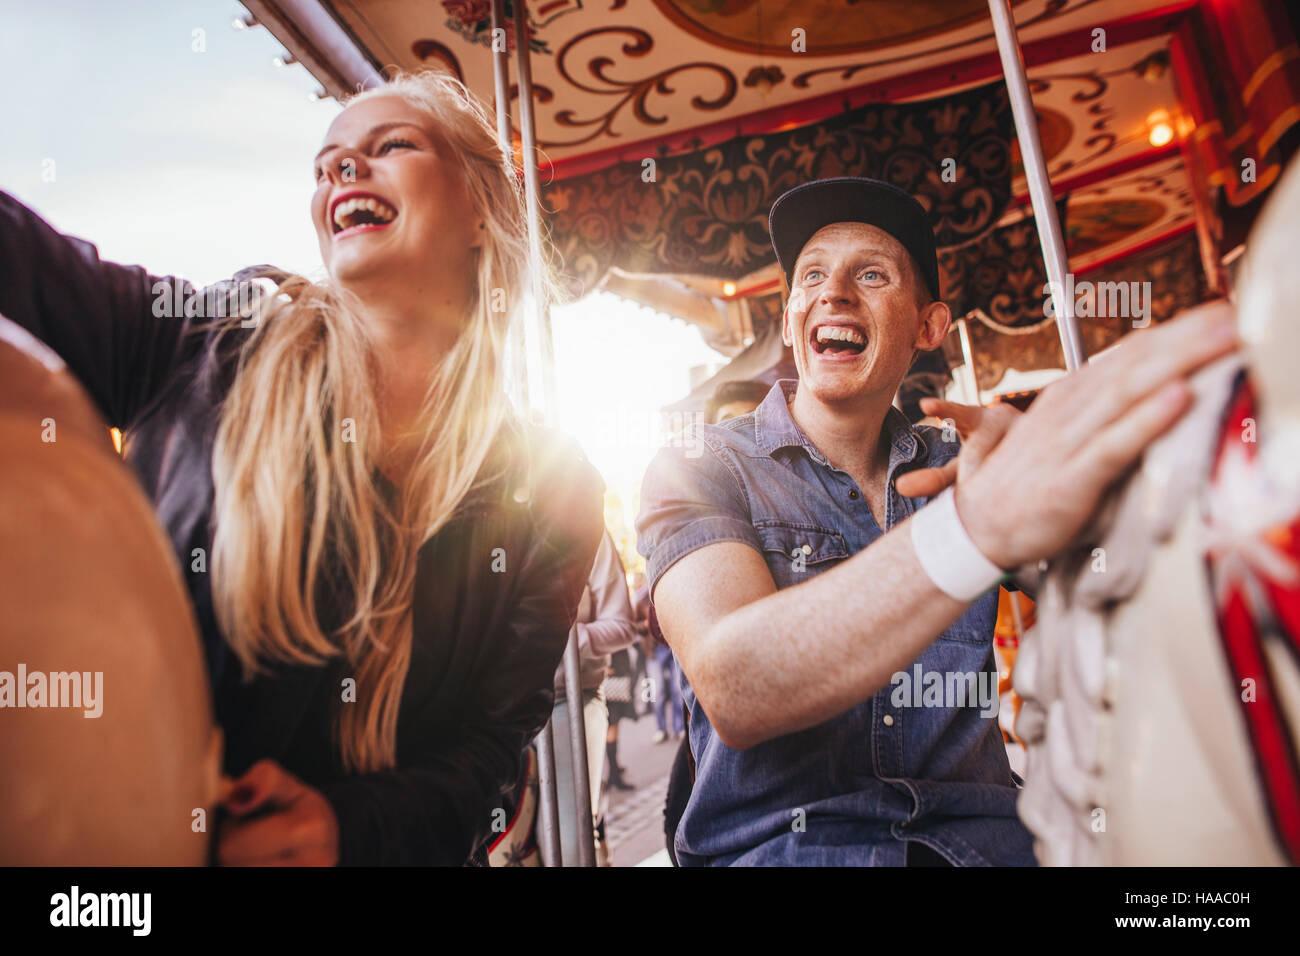 Joven y dos mujeres en el carrusel en el recinto ferial. Pareja joven a caballo en el parque de diversiones de carrusel Imagen De Stock